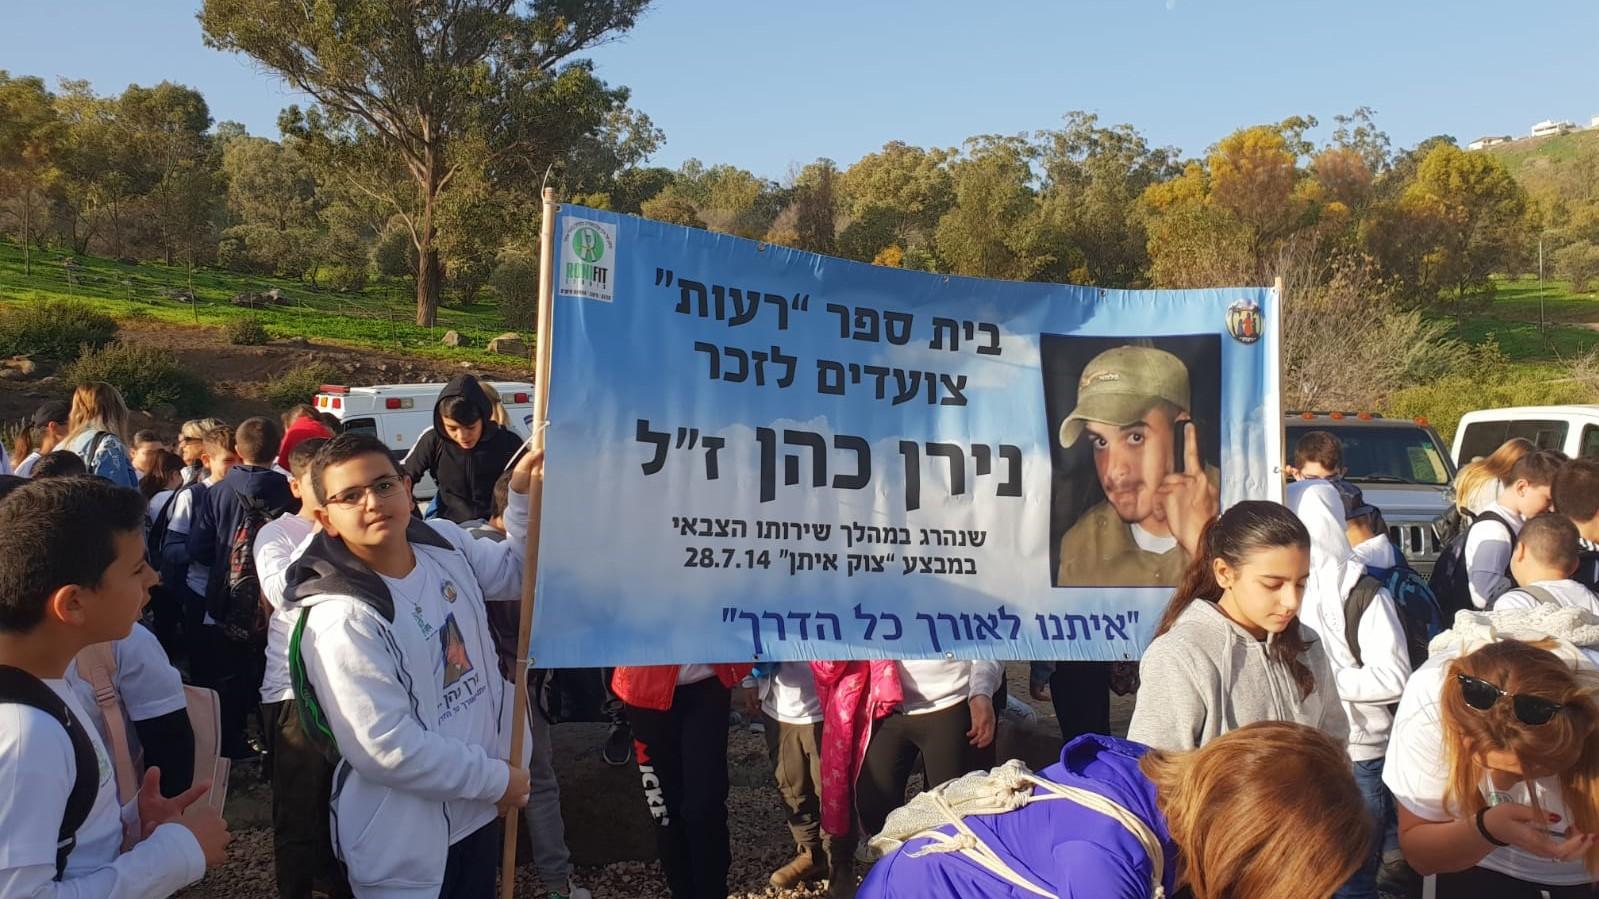 """מרגש: תלמידי בית ספר רעות קיימו צעדה לזכרו של החייל נירן כהן ז""""ל שנפל בצוק איתן"""